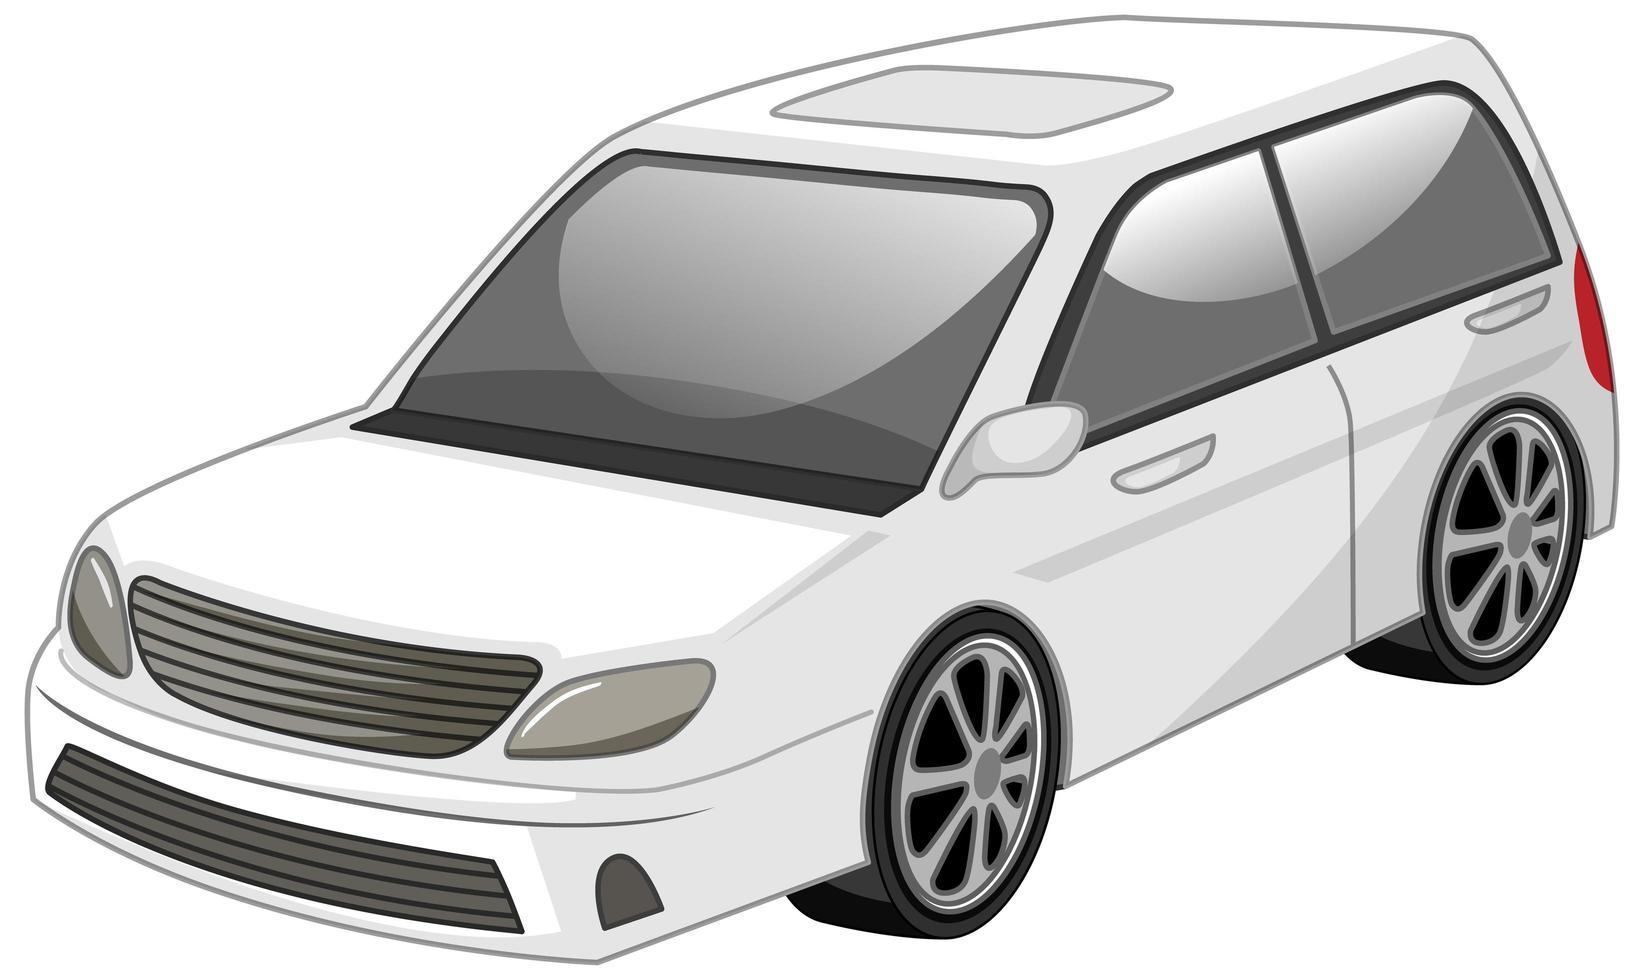 stile cartone animato auto bianca isolato vettore